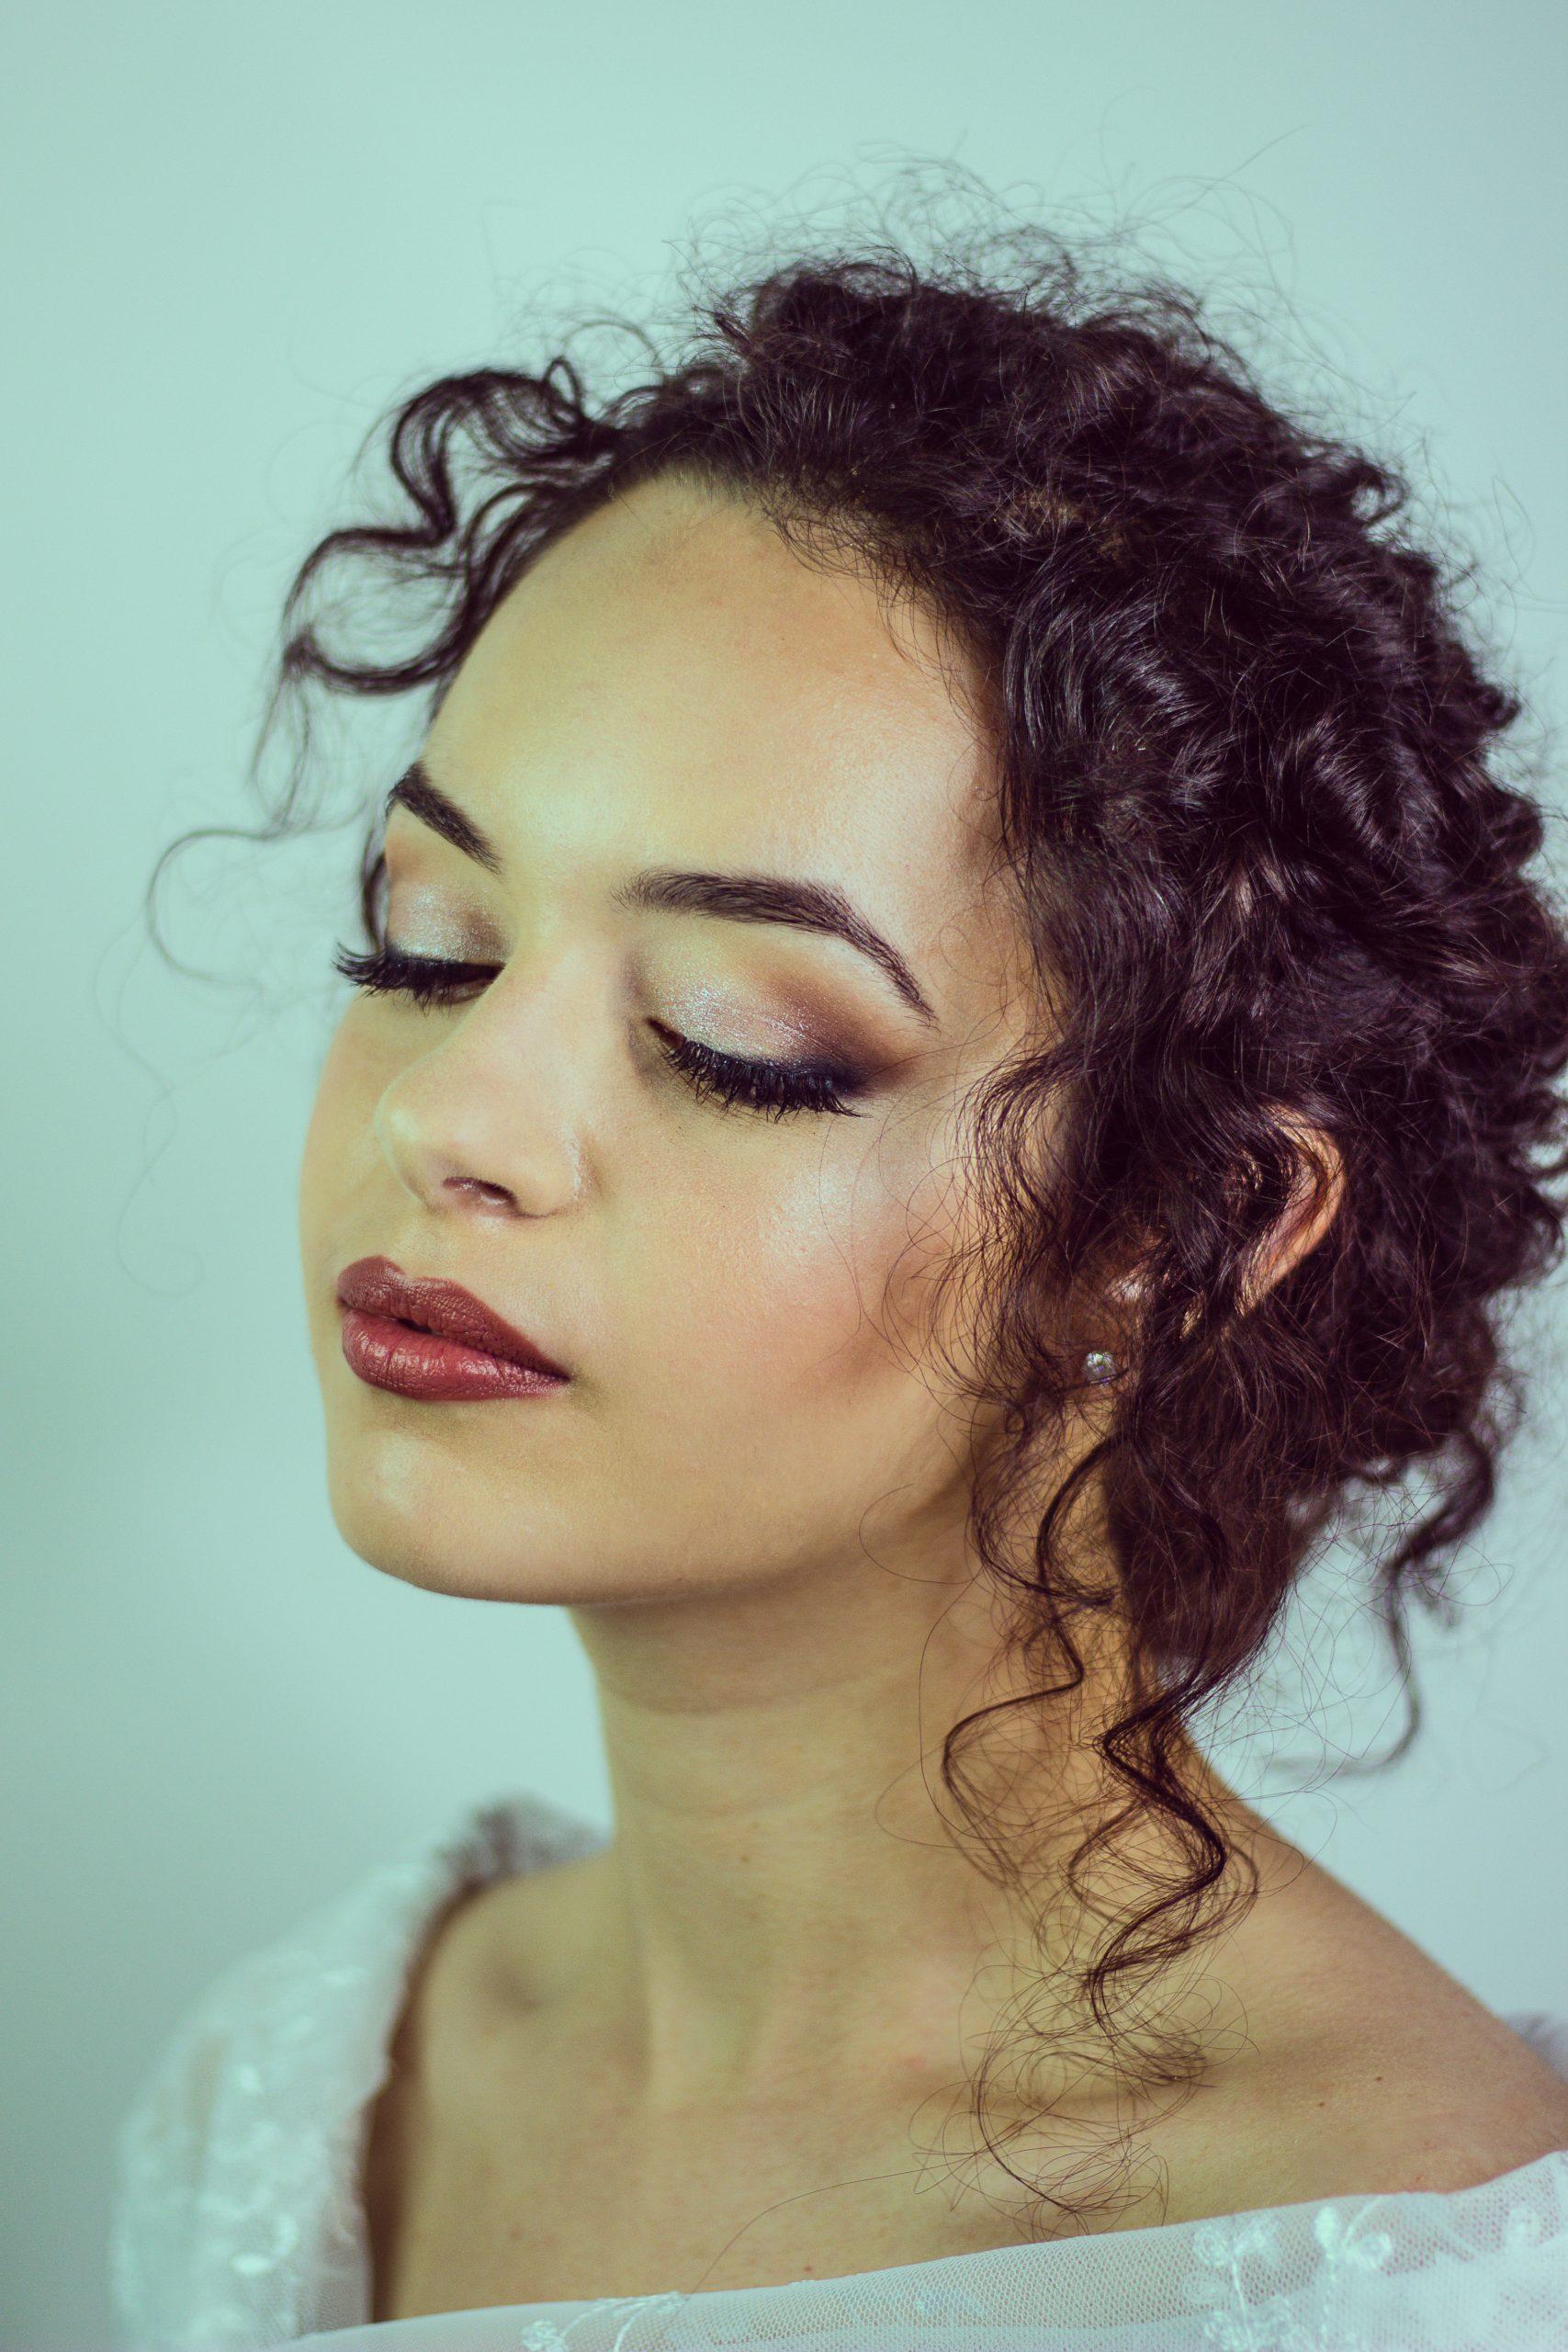 Categorie: Glamour, Portrait; Photographer: GIORGIA BRISOTTO (Brisottophotography); Mua: ILENIA BORTOLETTO; Model: BEATRICE TESTA; Location:Treviso, TV, Italia